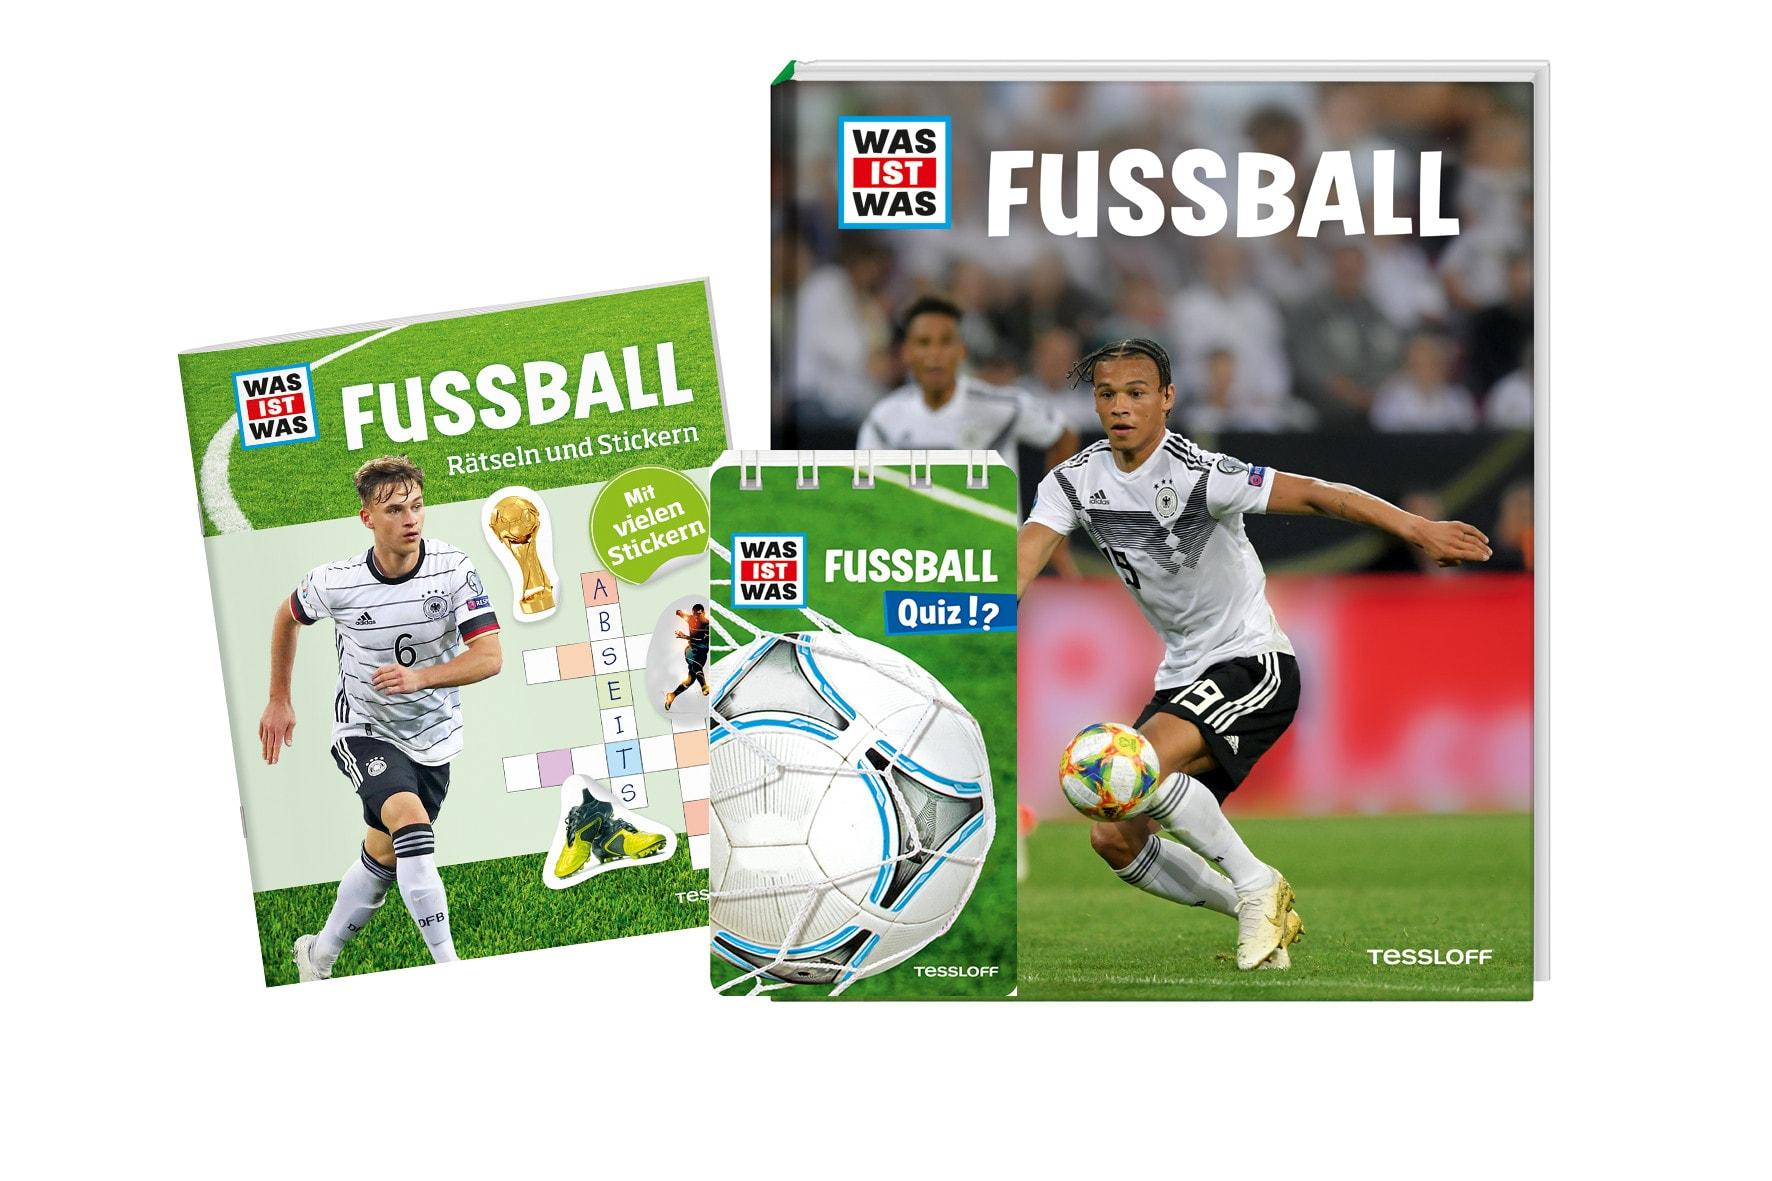 Wir lassen die Herzen junger Fußballfans höher schlagen! Blizz verlost WAS IST WAS-Bücher zum Thema Fußball